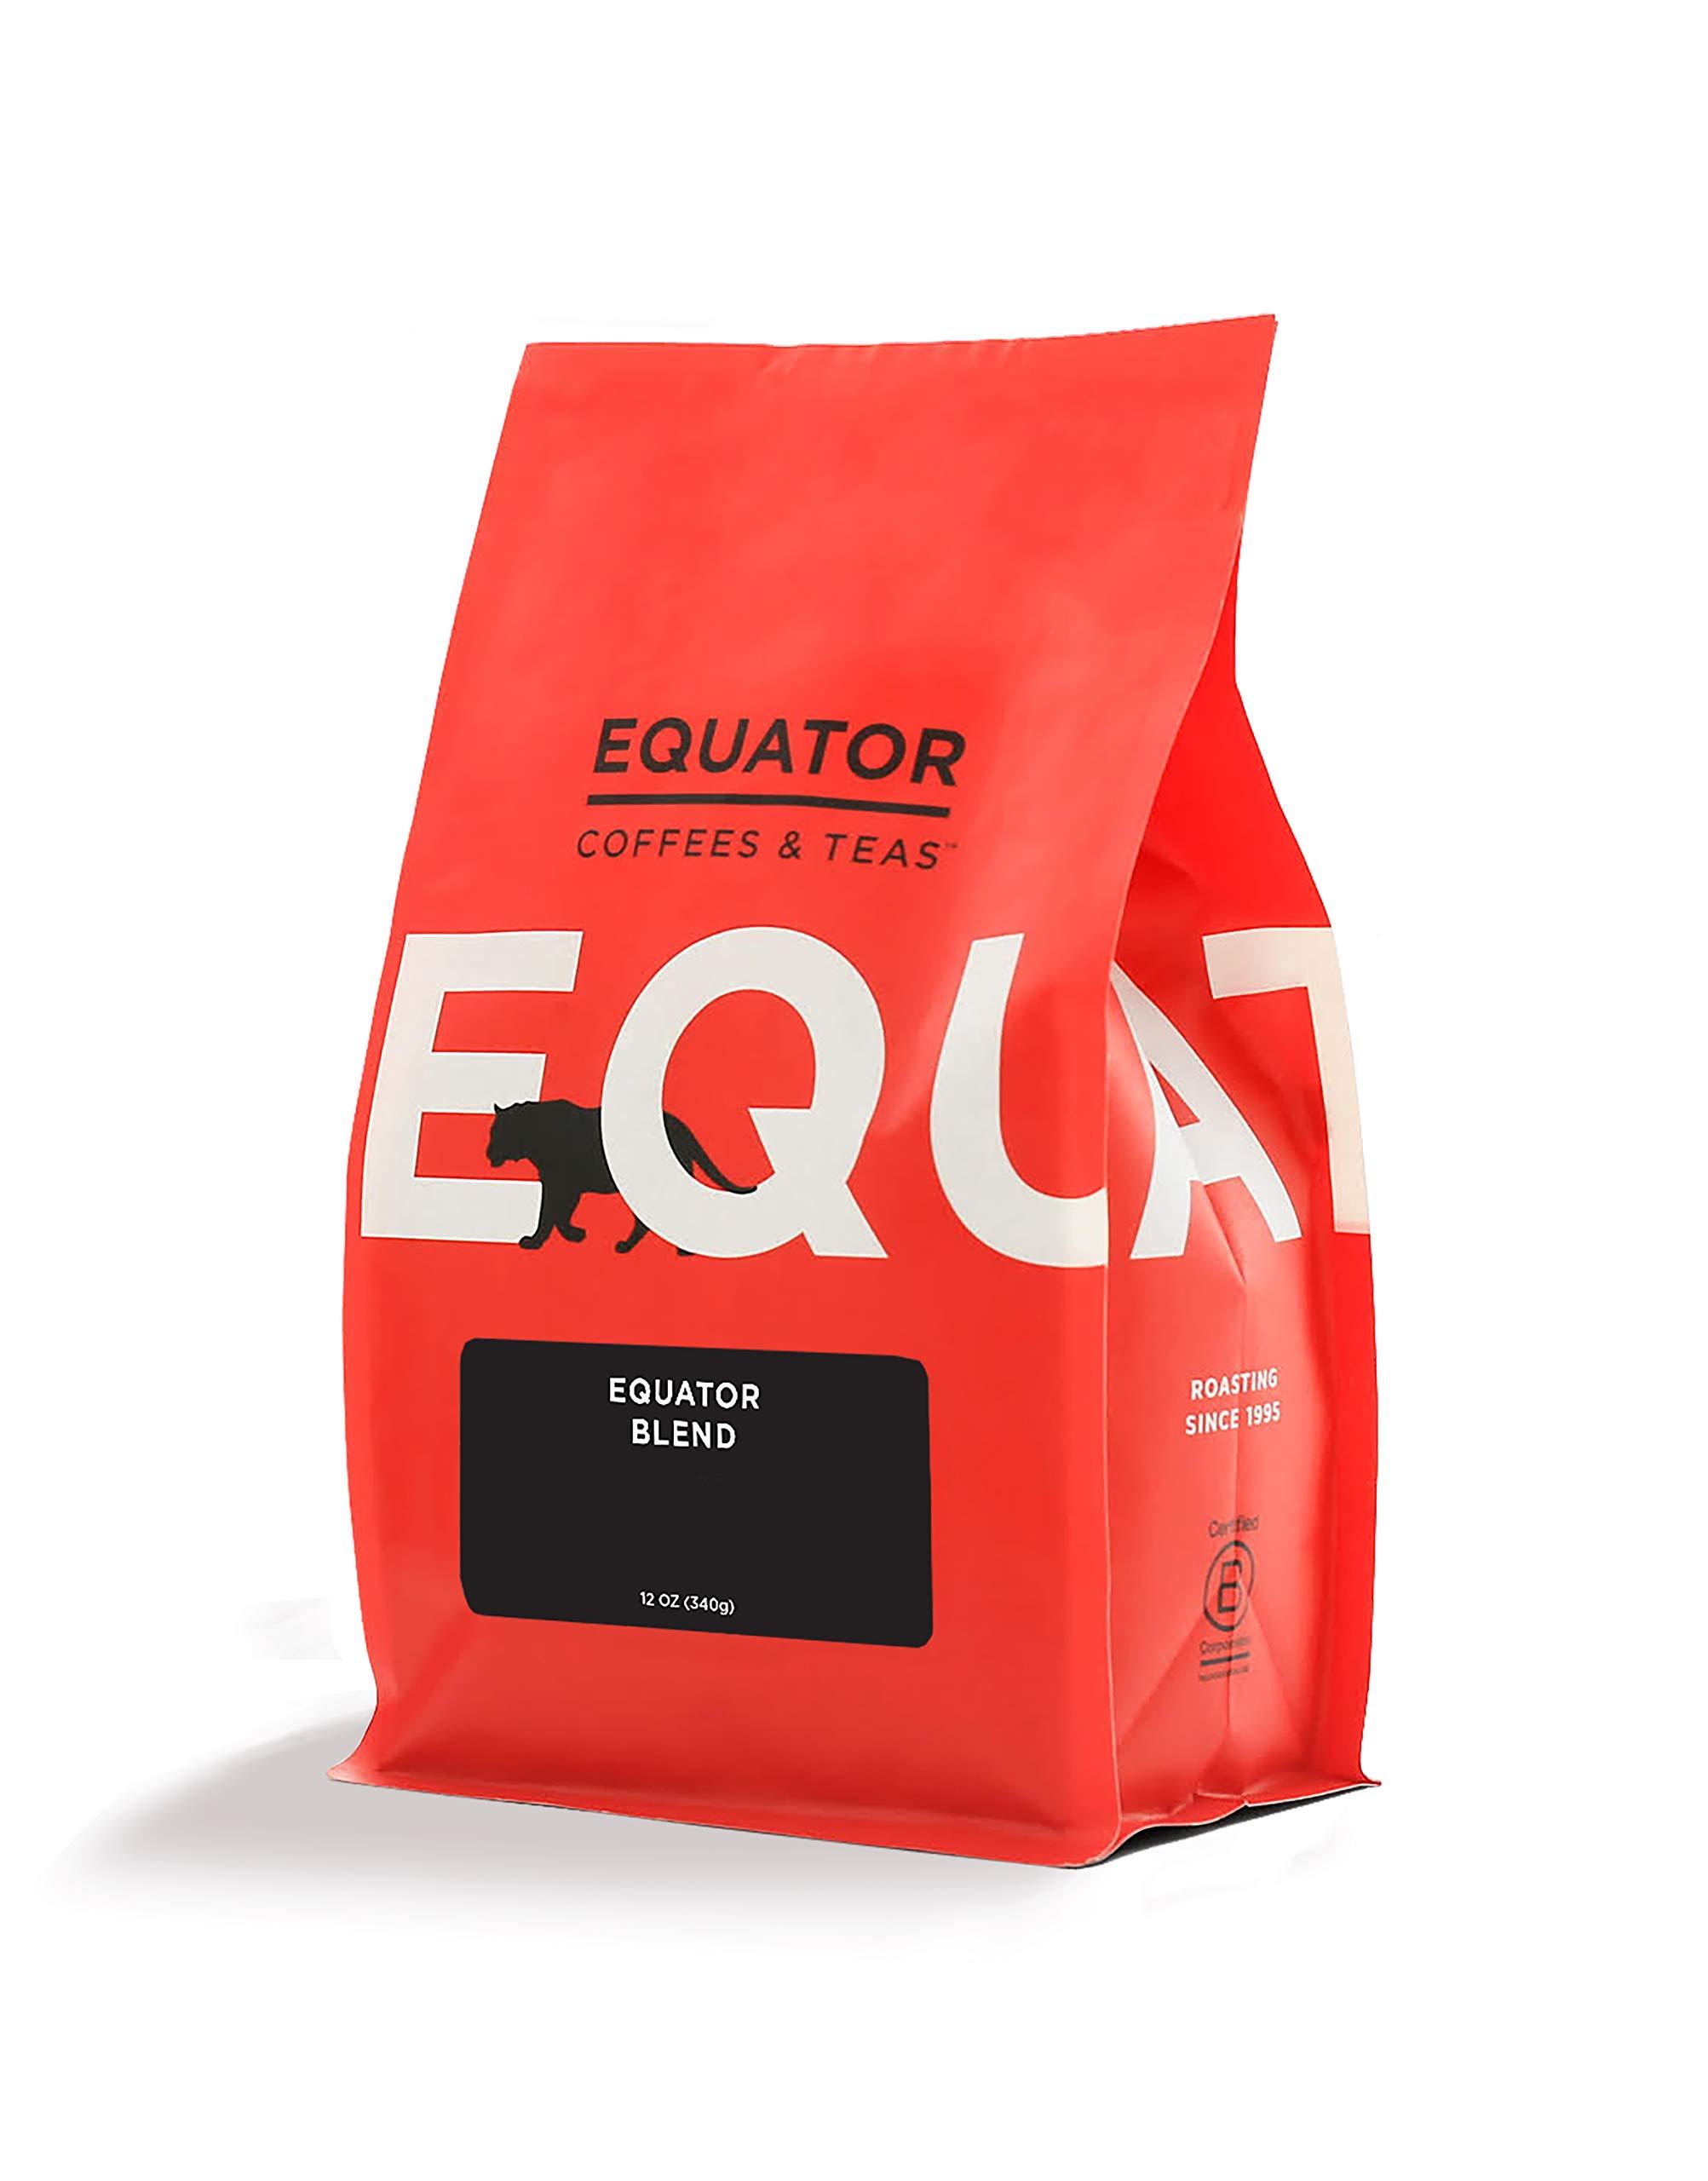 Equator Coffees & Teas equator Blend, Roasted Fine Ground Coffee for Espresso Or Moka Pot,, 12 Oz ()